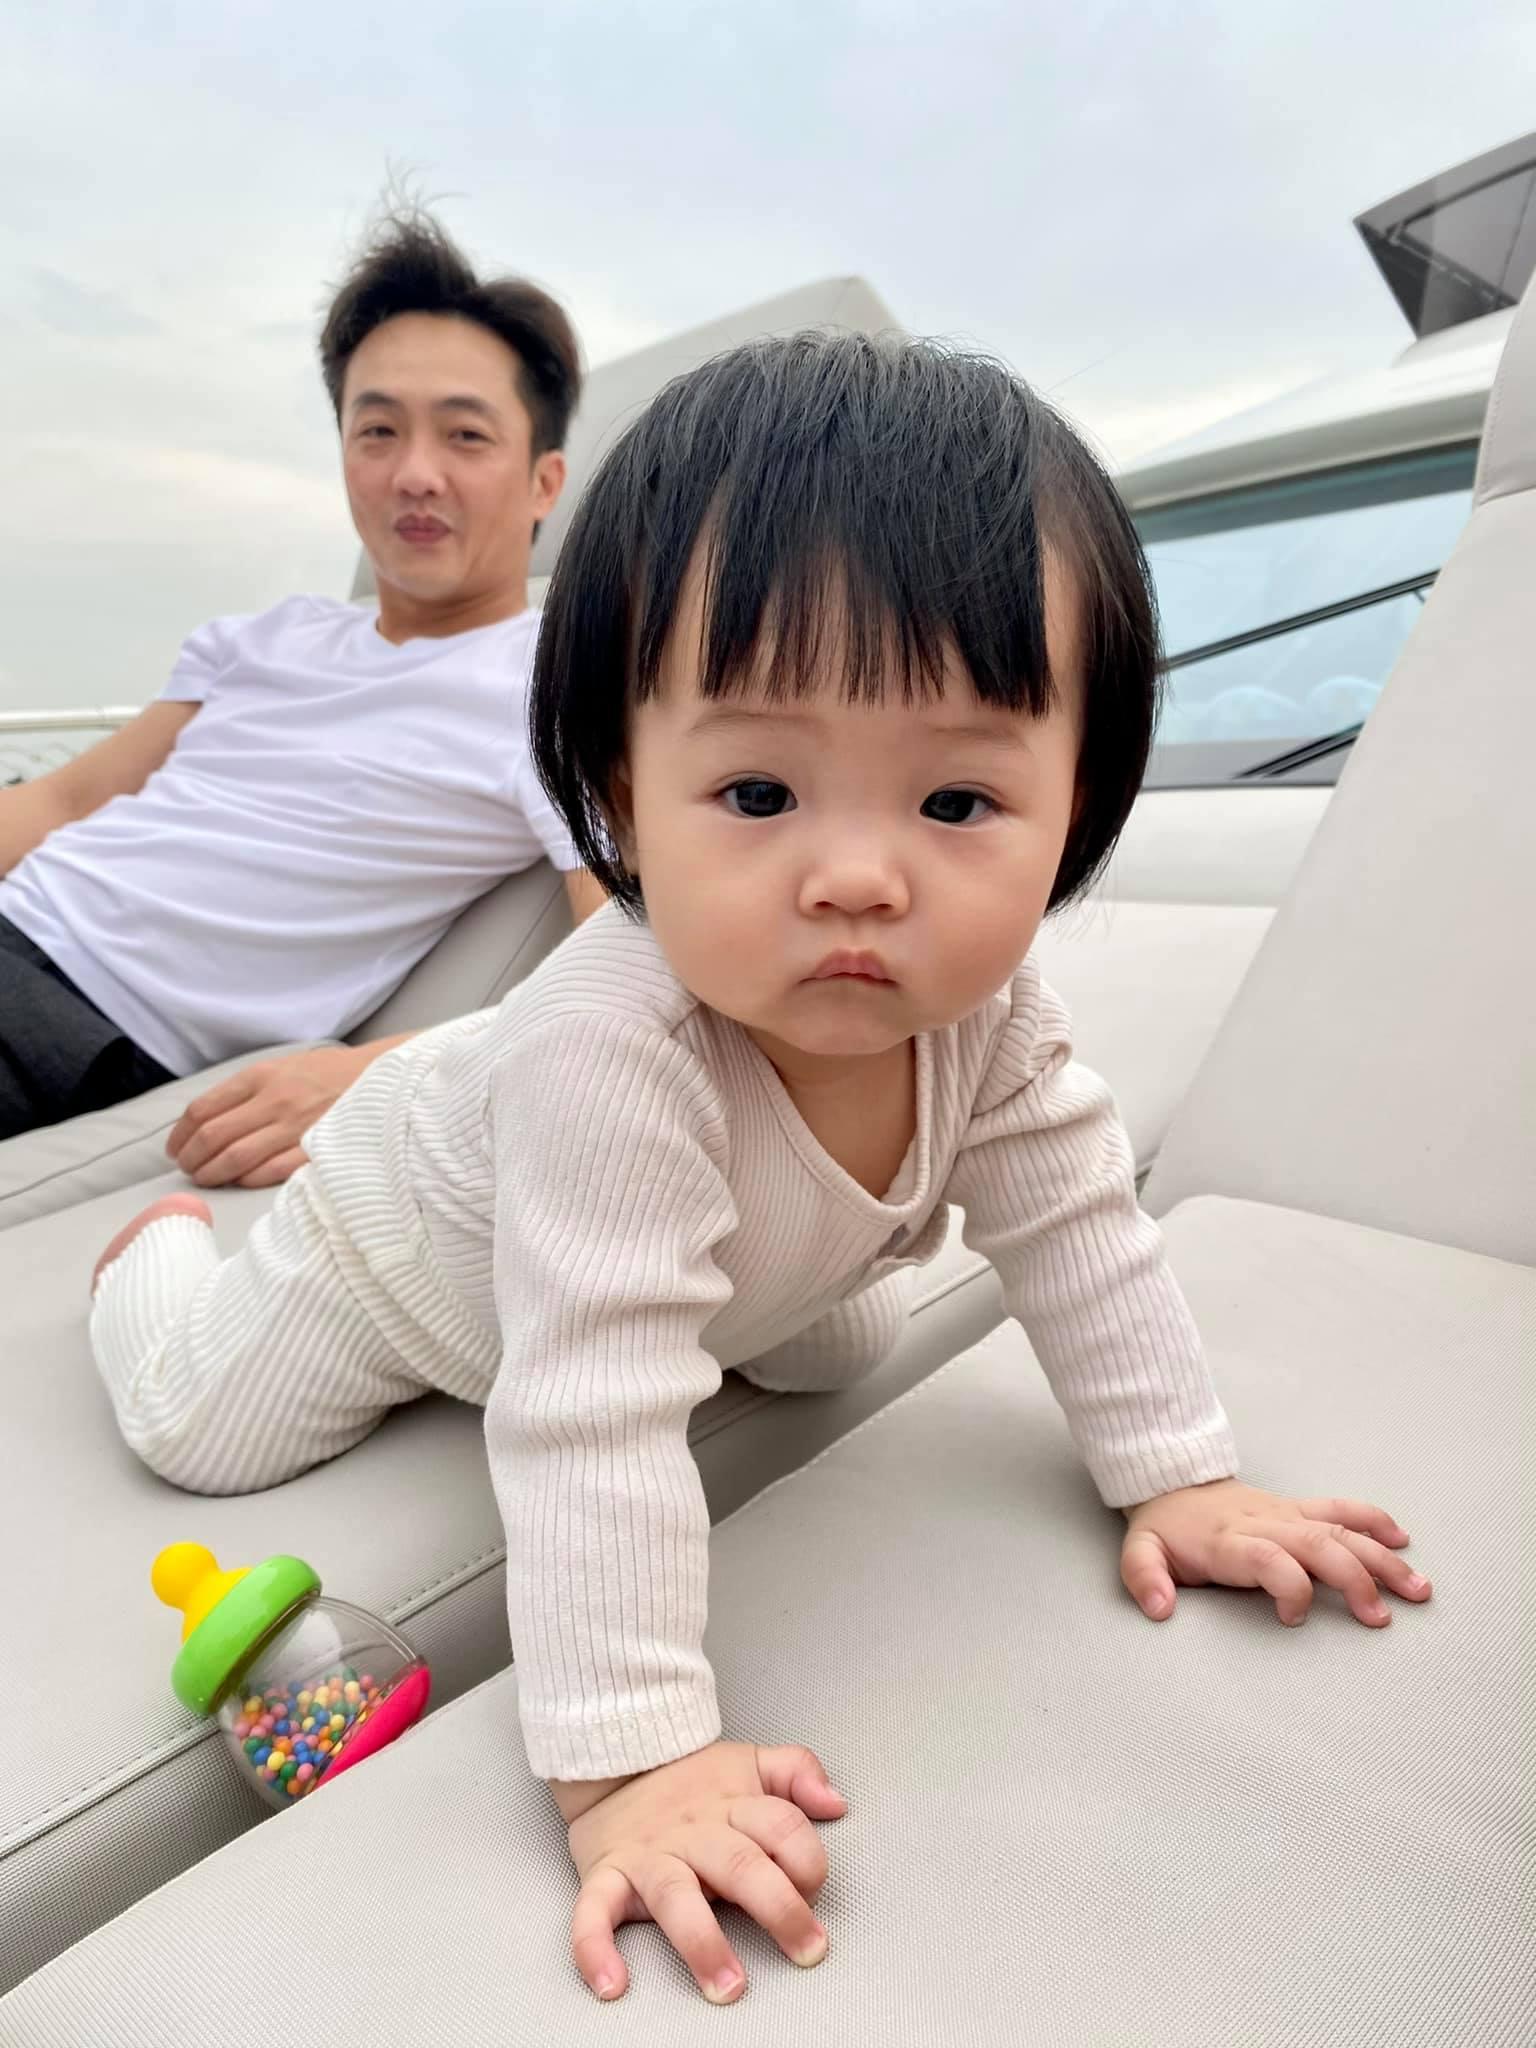 """Cường Đô La khoe ảnh nghỉ lễ sang chảnh của ái nữ, đi chơi bằng du thuyền cực """"chill"""" - Ảnh 5"""